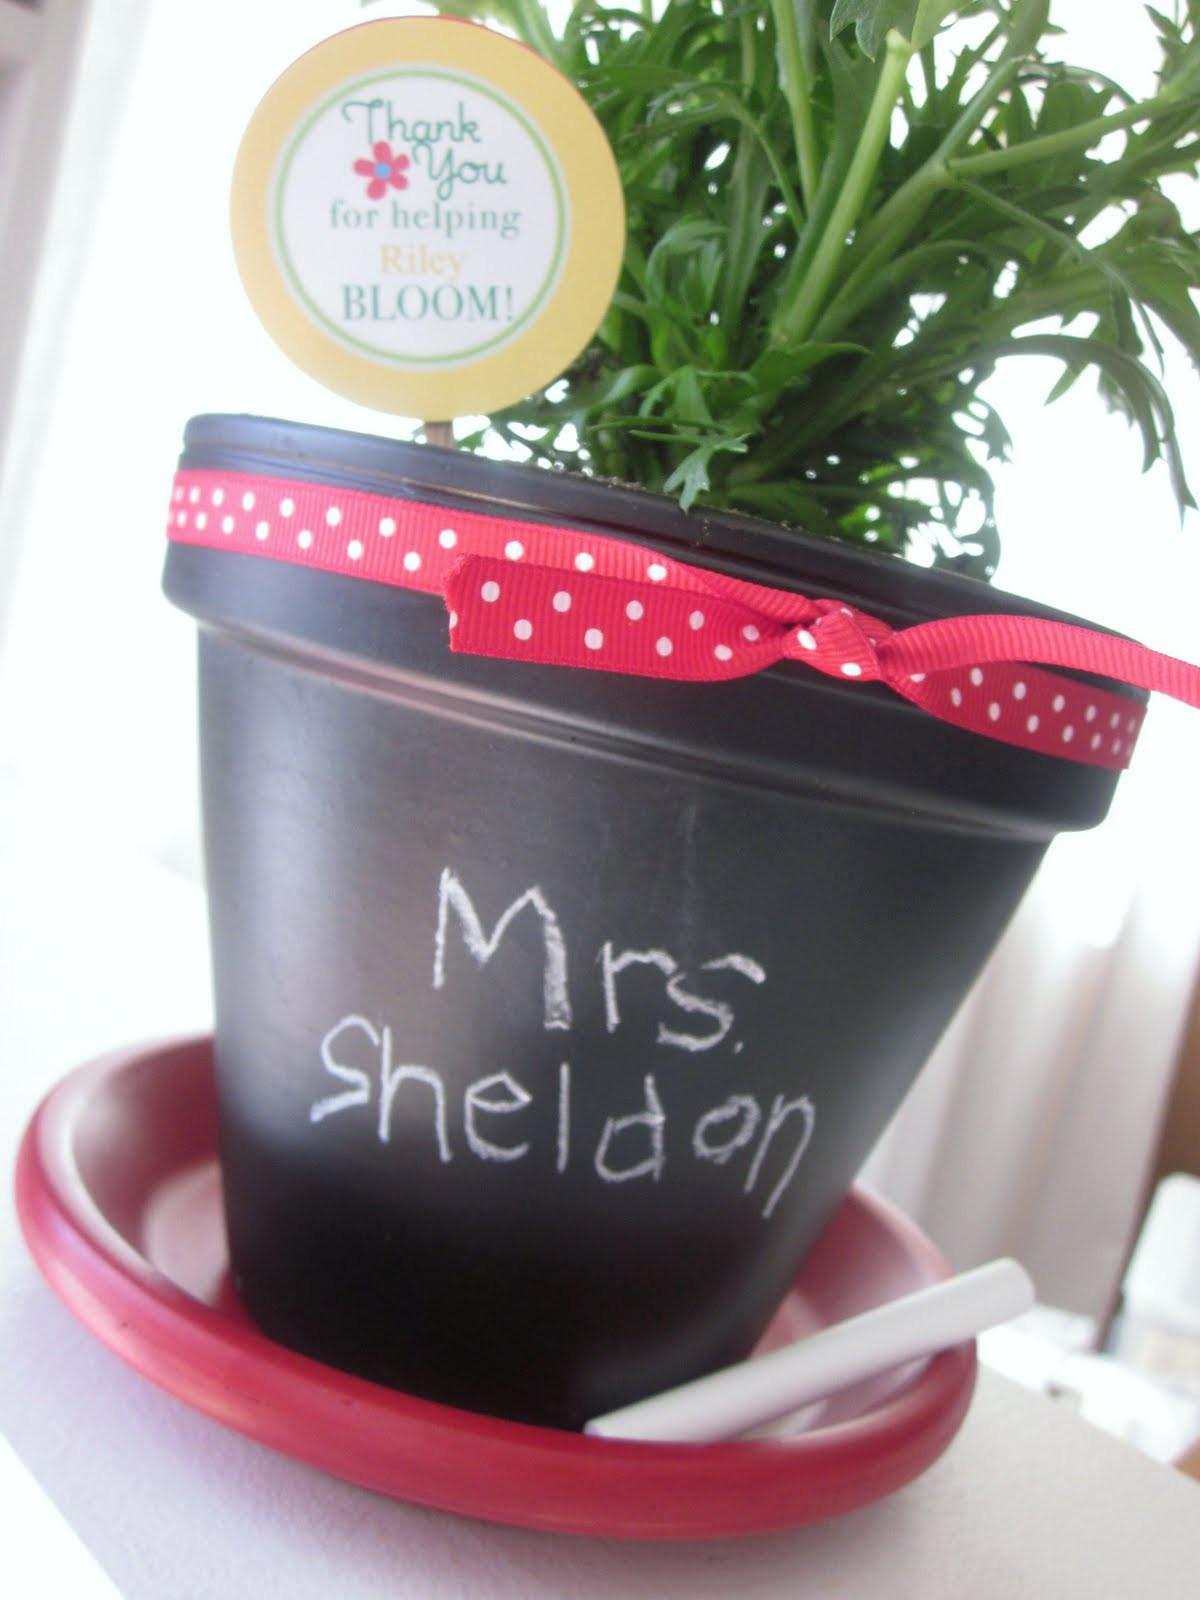 Preschool Graduation Gift Ideas From Teacher  Embellishing Life A Preschool Graduation and a Teacher Gift